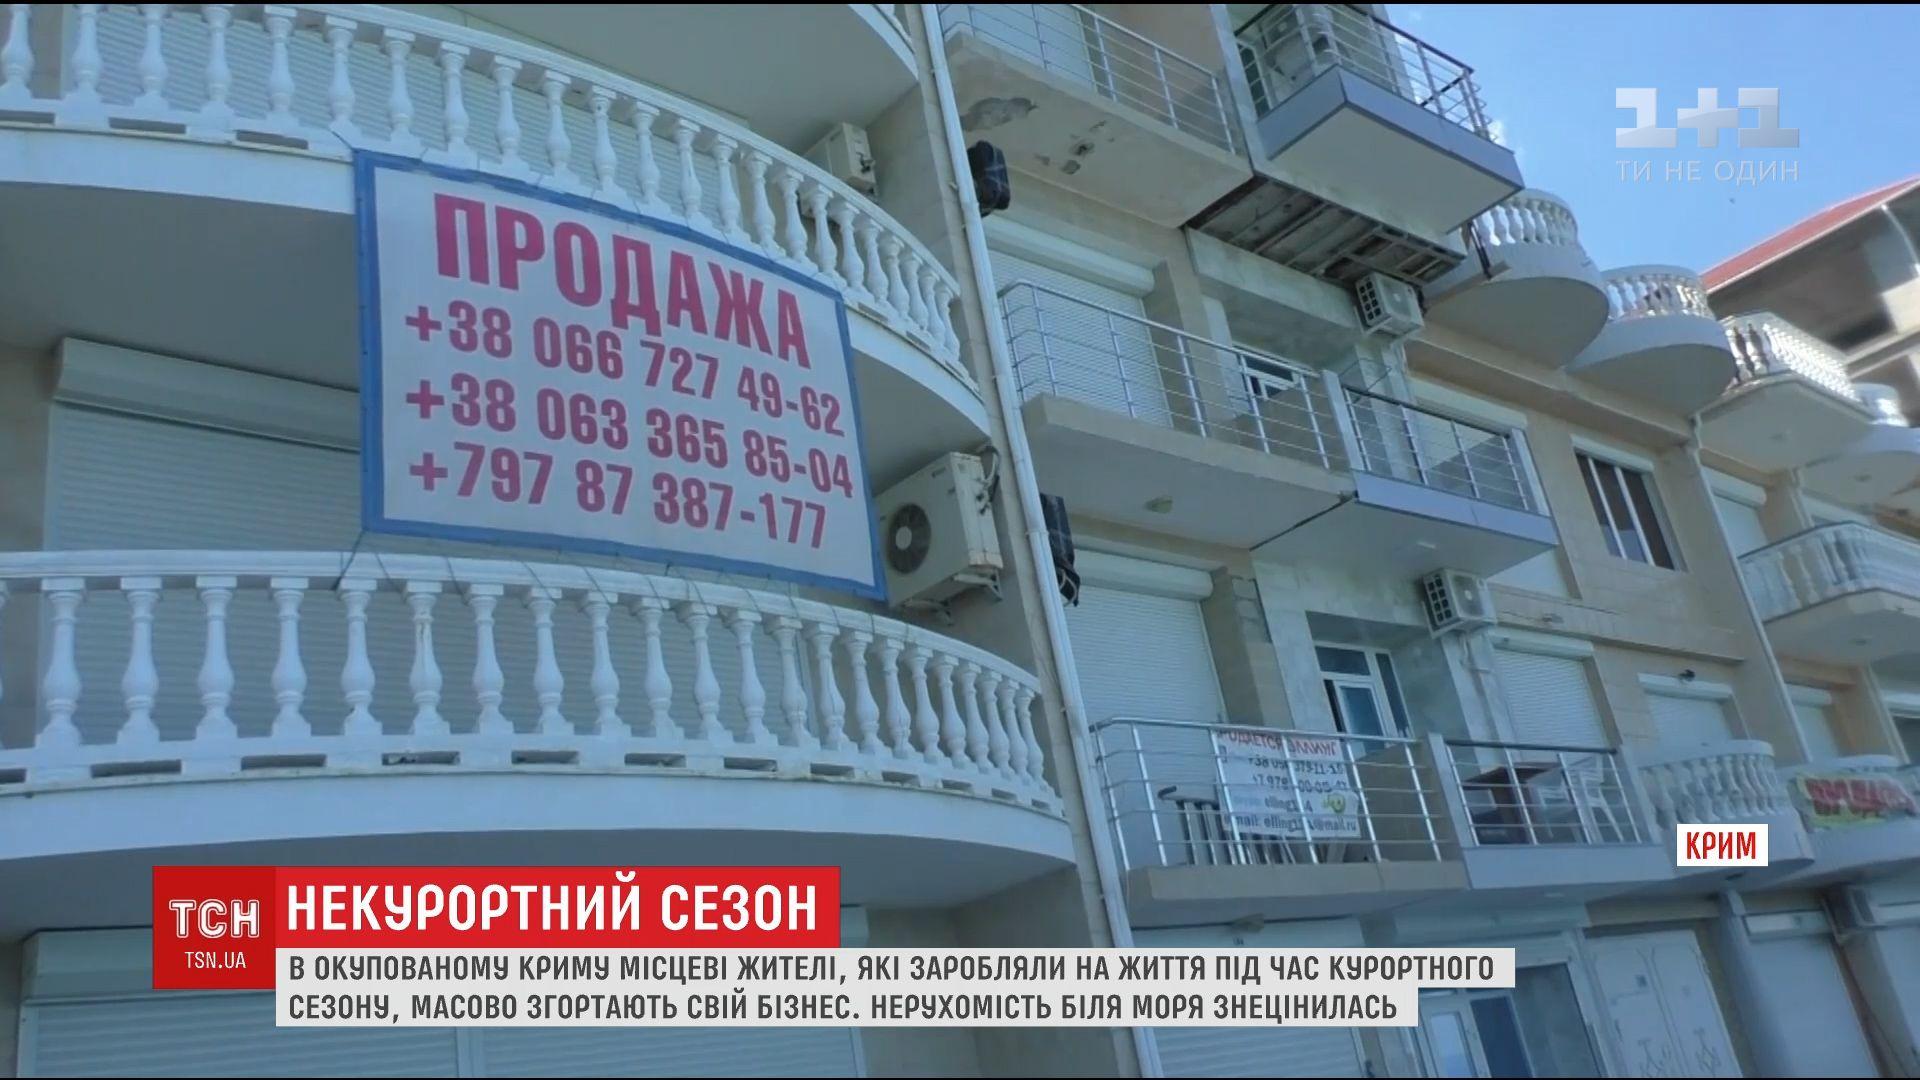 Жителі окупованого Криму згортають бізнес, який був успішним під час курортного сезону